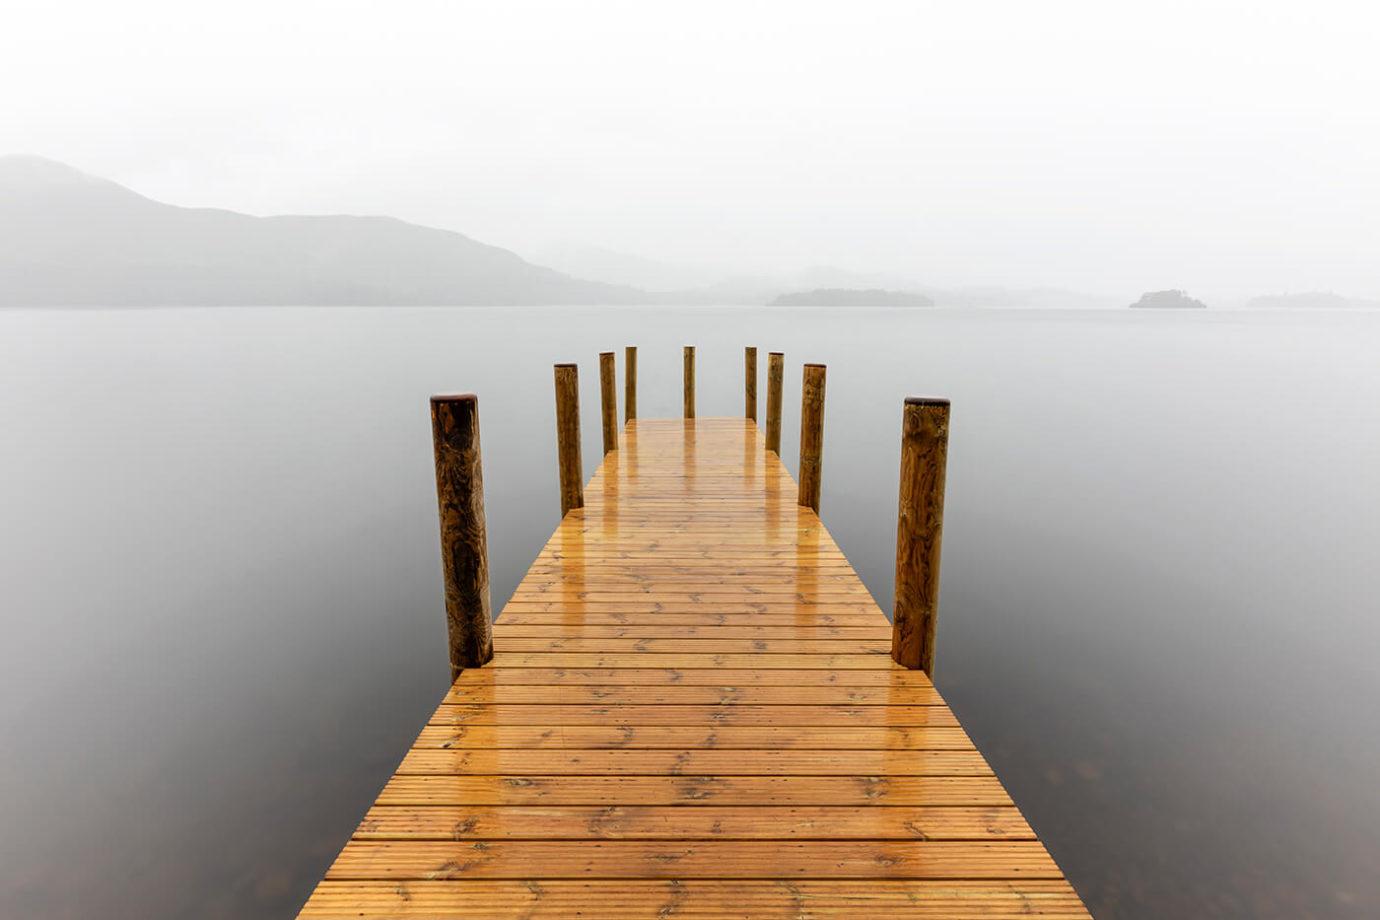 New Ashness Landing Pier, Derwentwater, Lake District